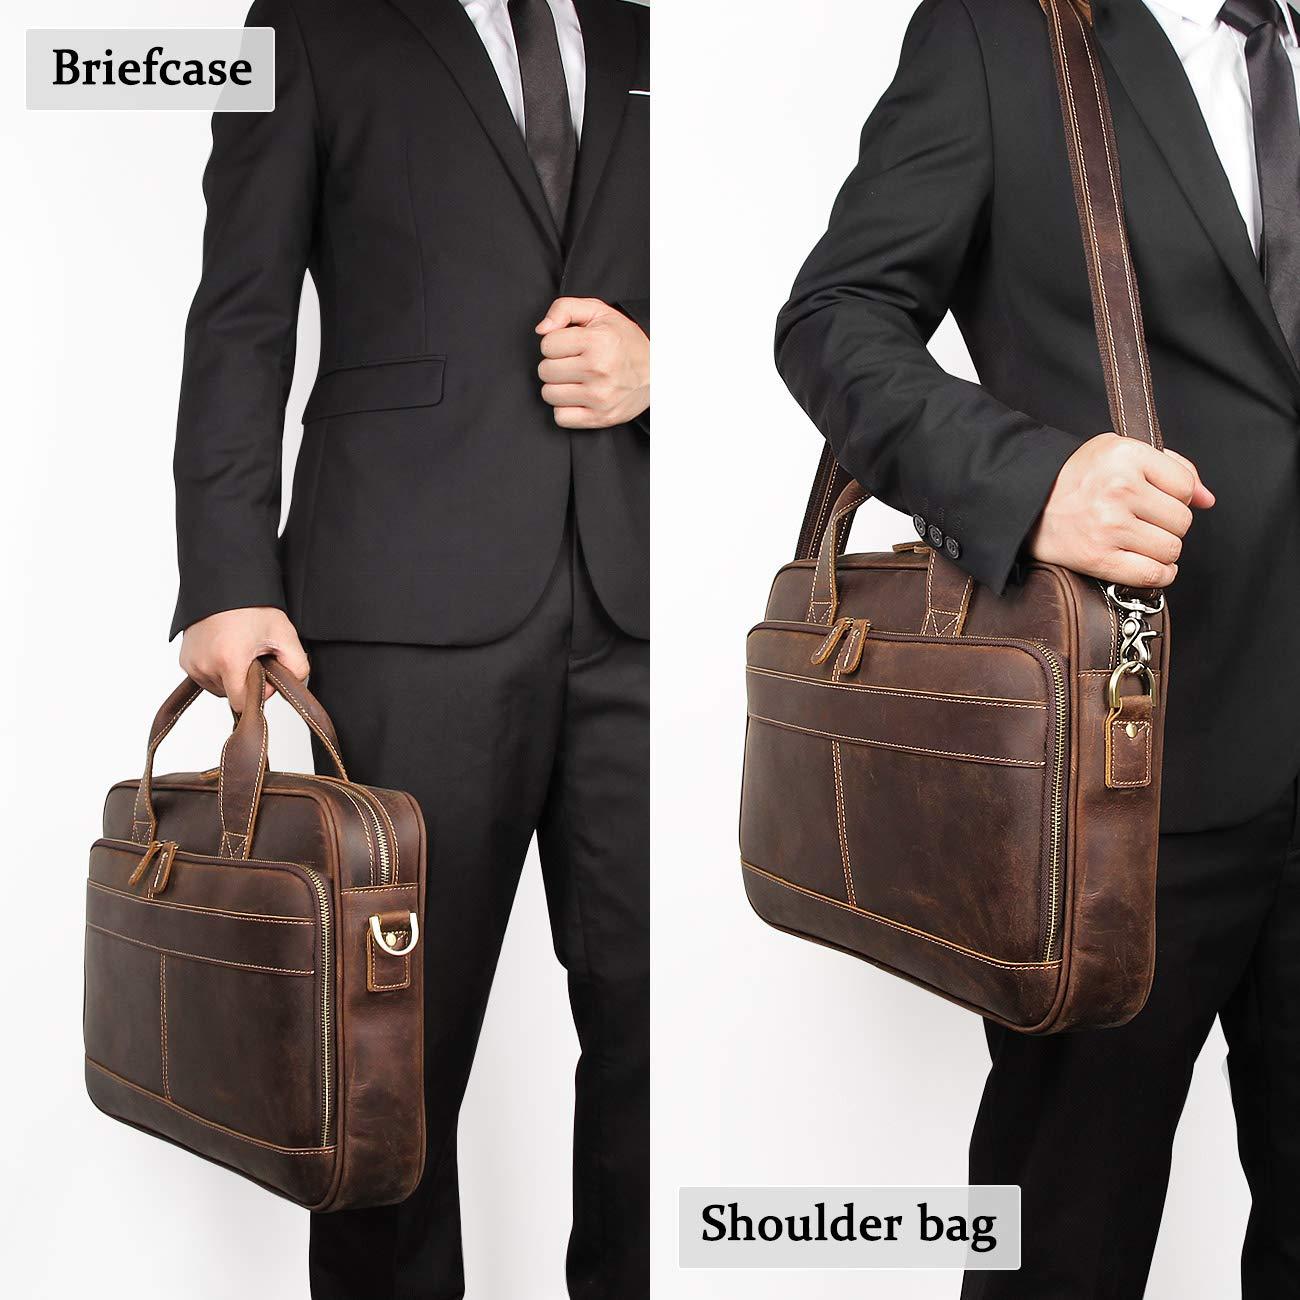 Leather Messenger Bag for Men Vintage Travel Backpack 17 inch laptop Briefcase Shoulder Bags